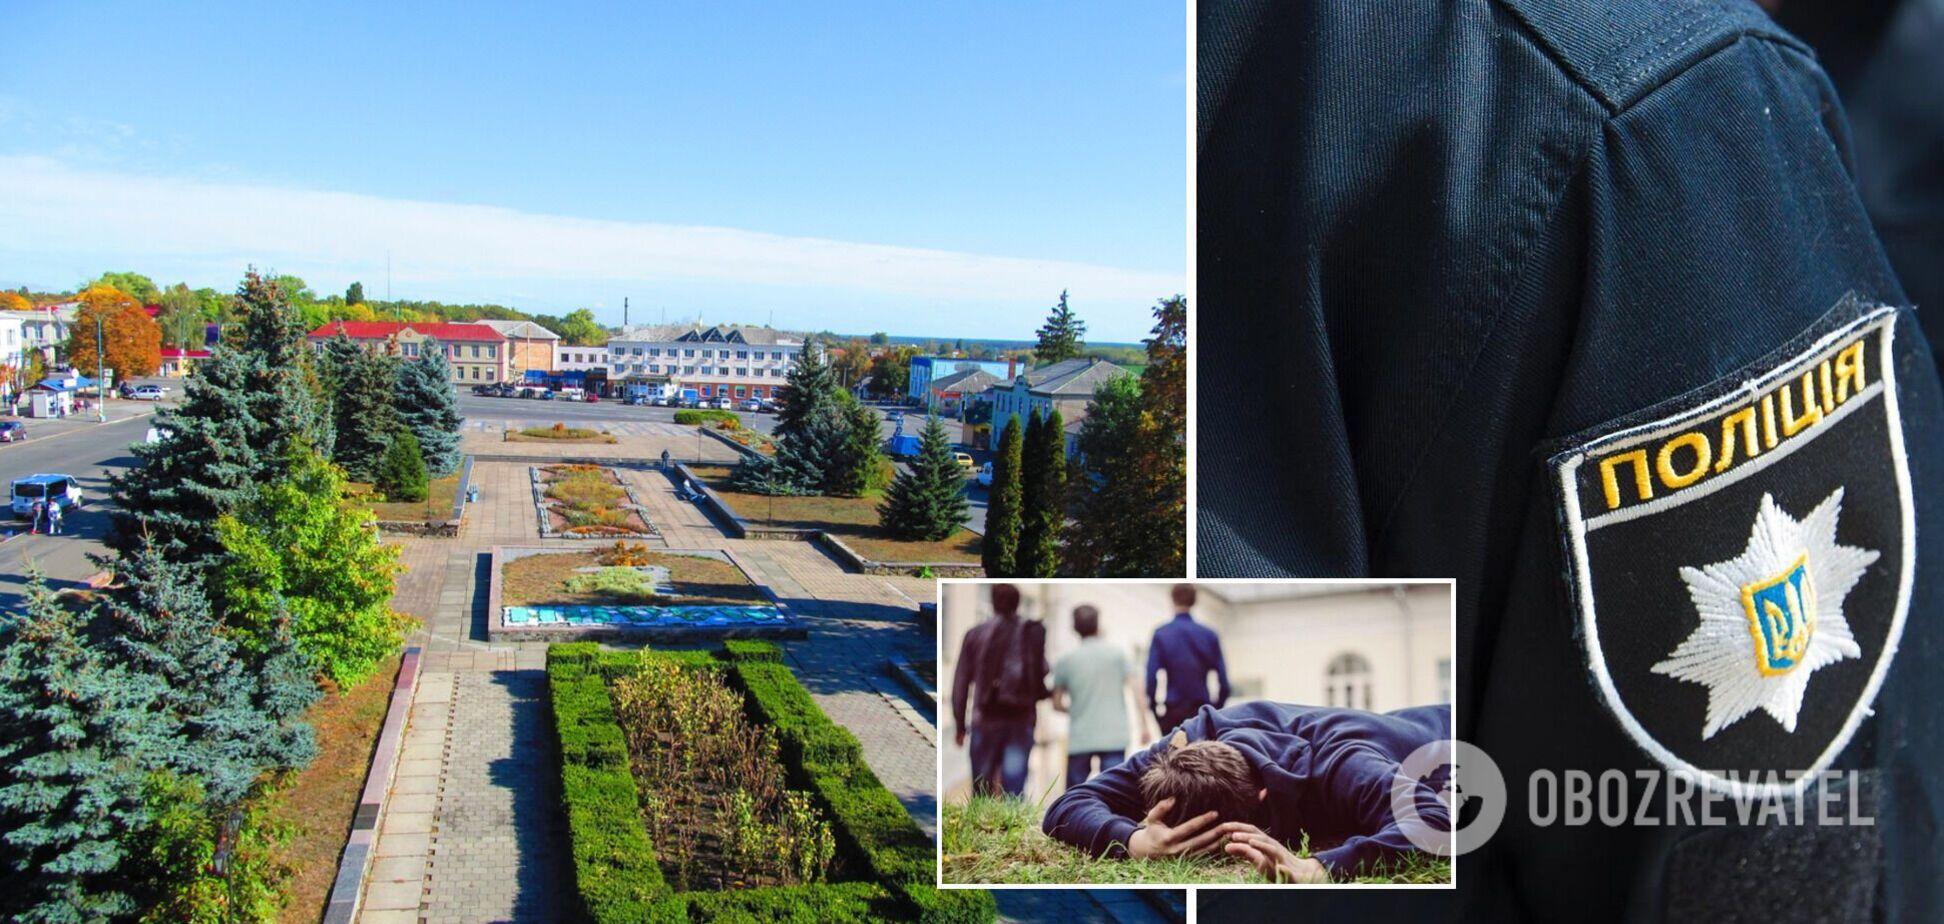 На Житомирщине подростки избили инвалида: нападавших заставили извиняться на коленях. Видео